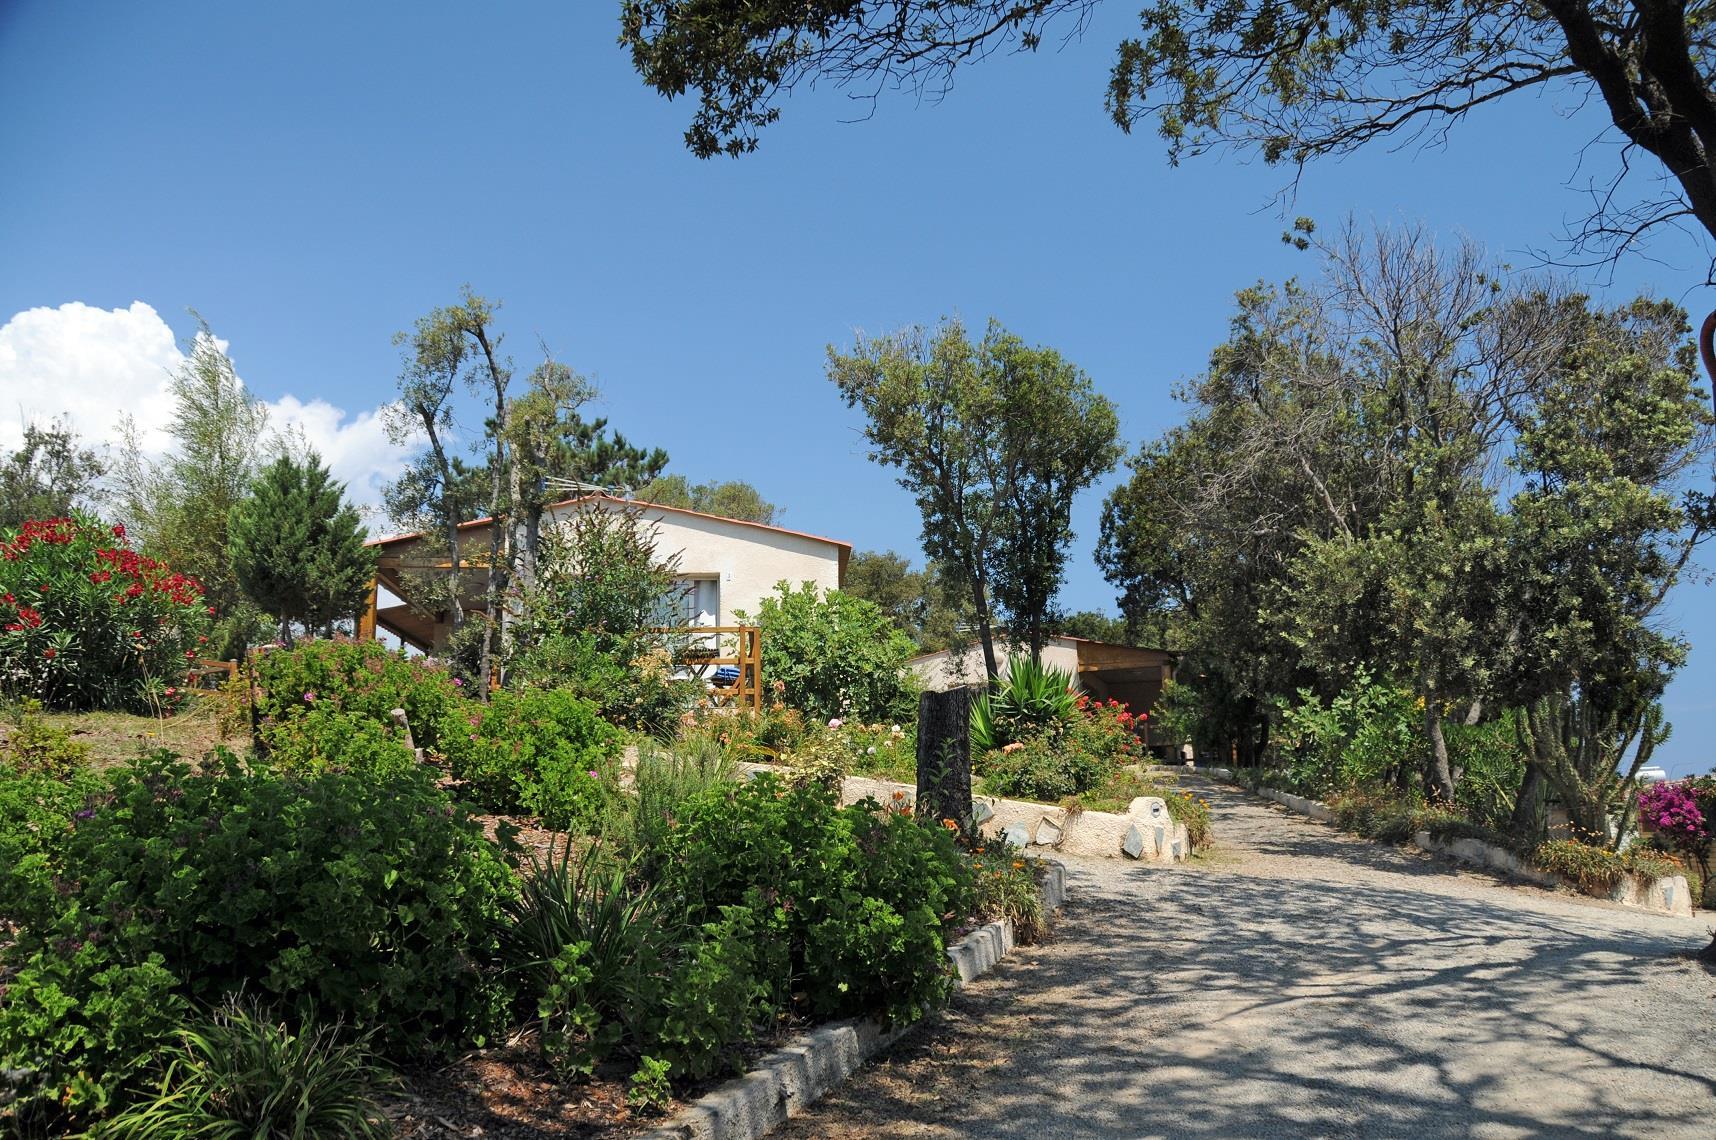 Location - Villa Paradisu - Riva Bella Resort